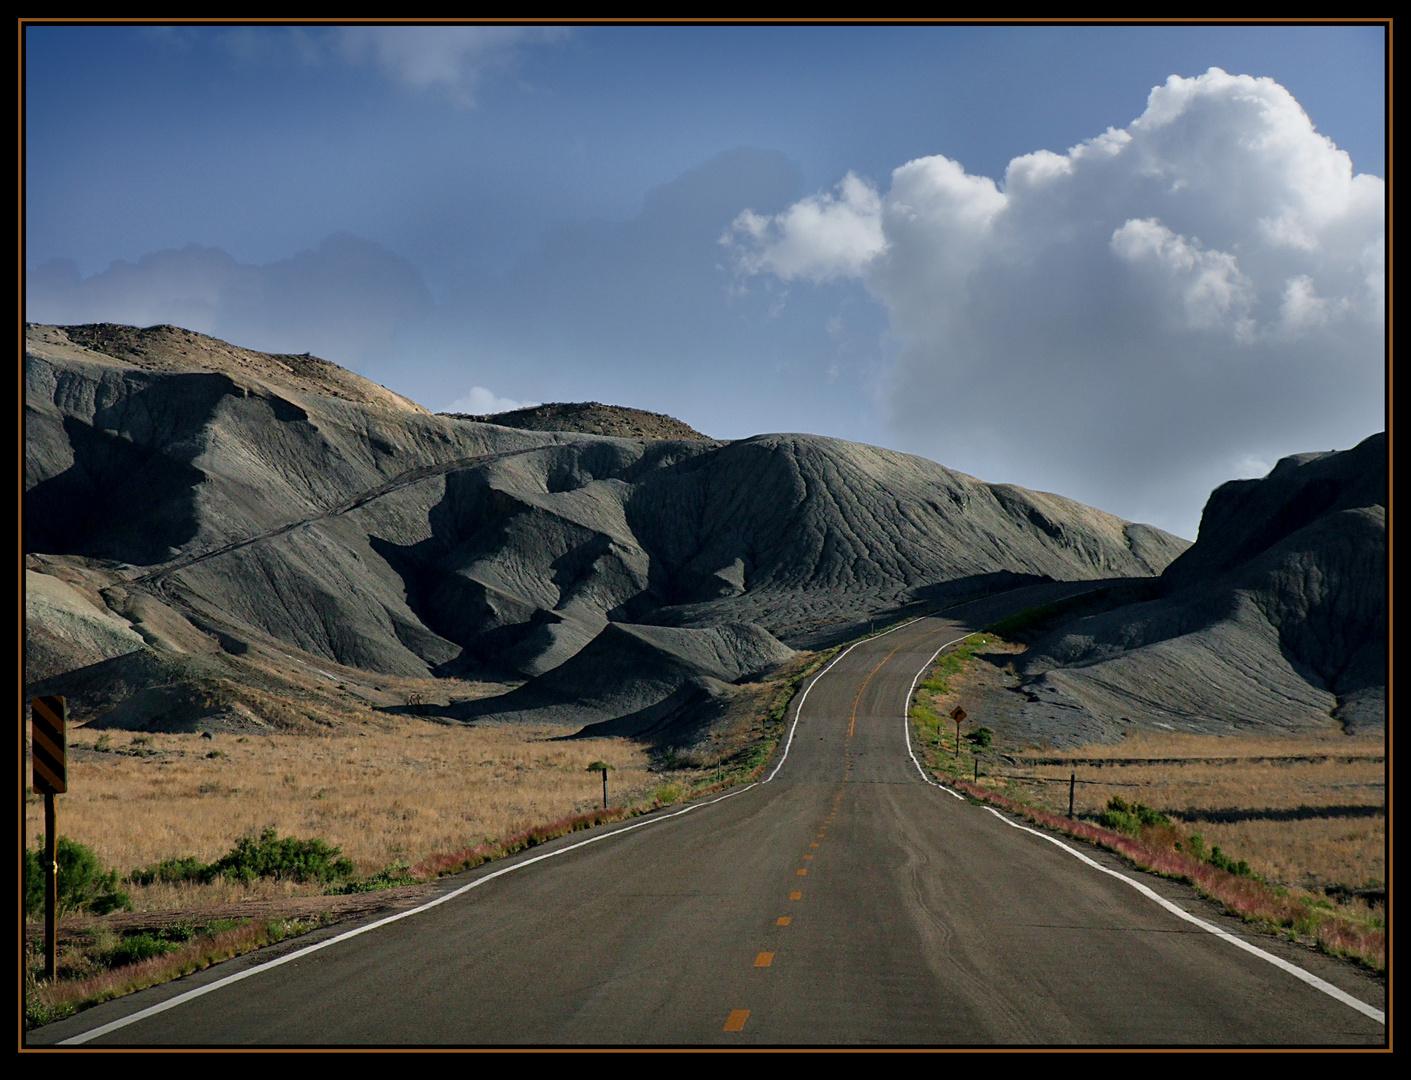 Utah - Highway 24